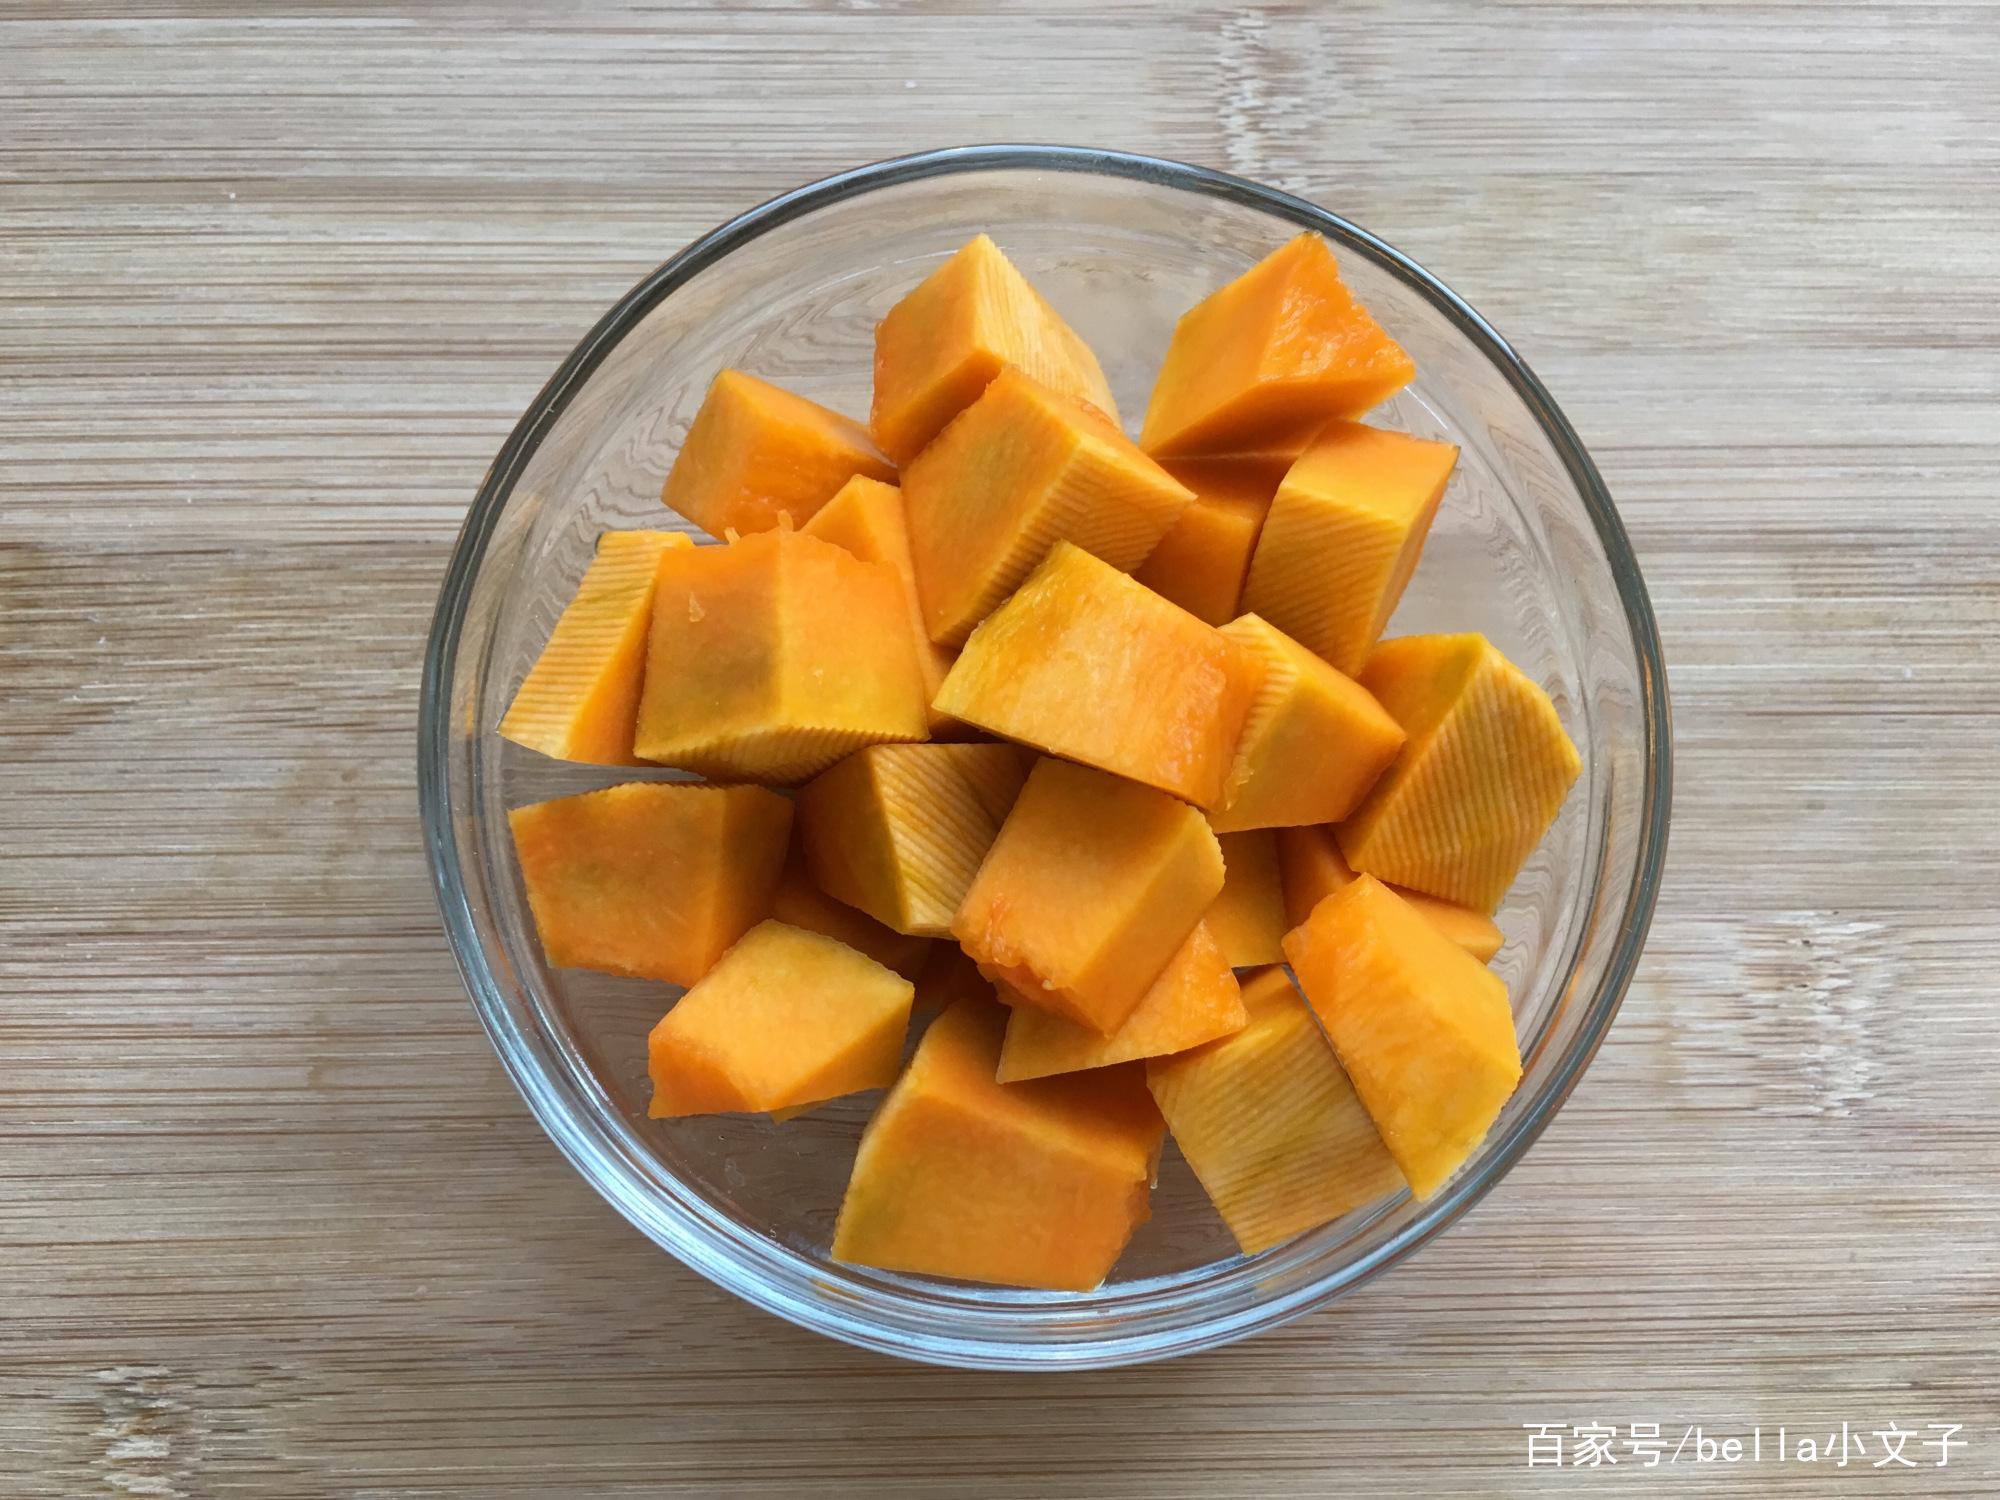 南瓜饭,让人怀念的潮汕美味 美食做法 第2张